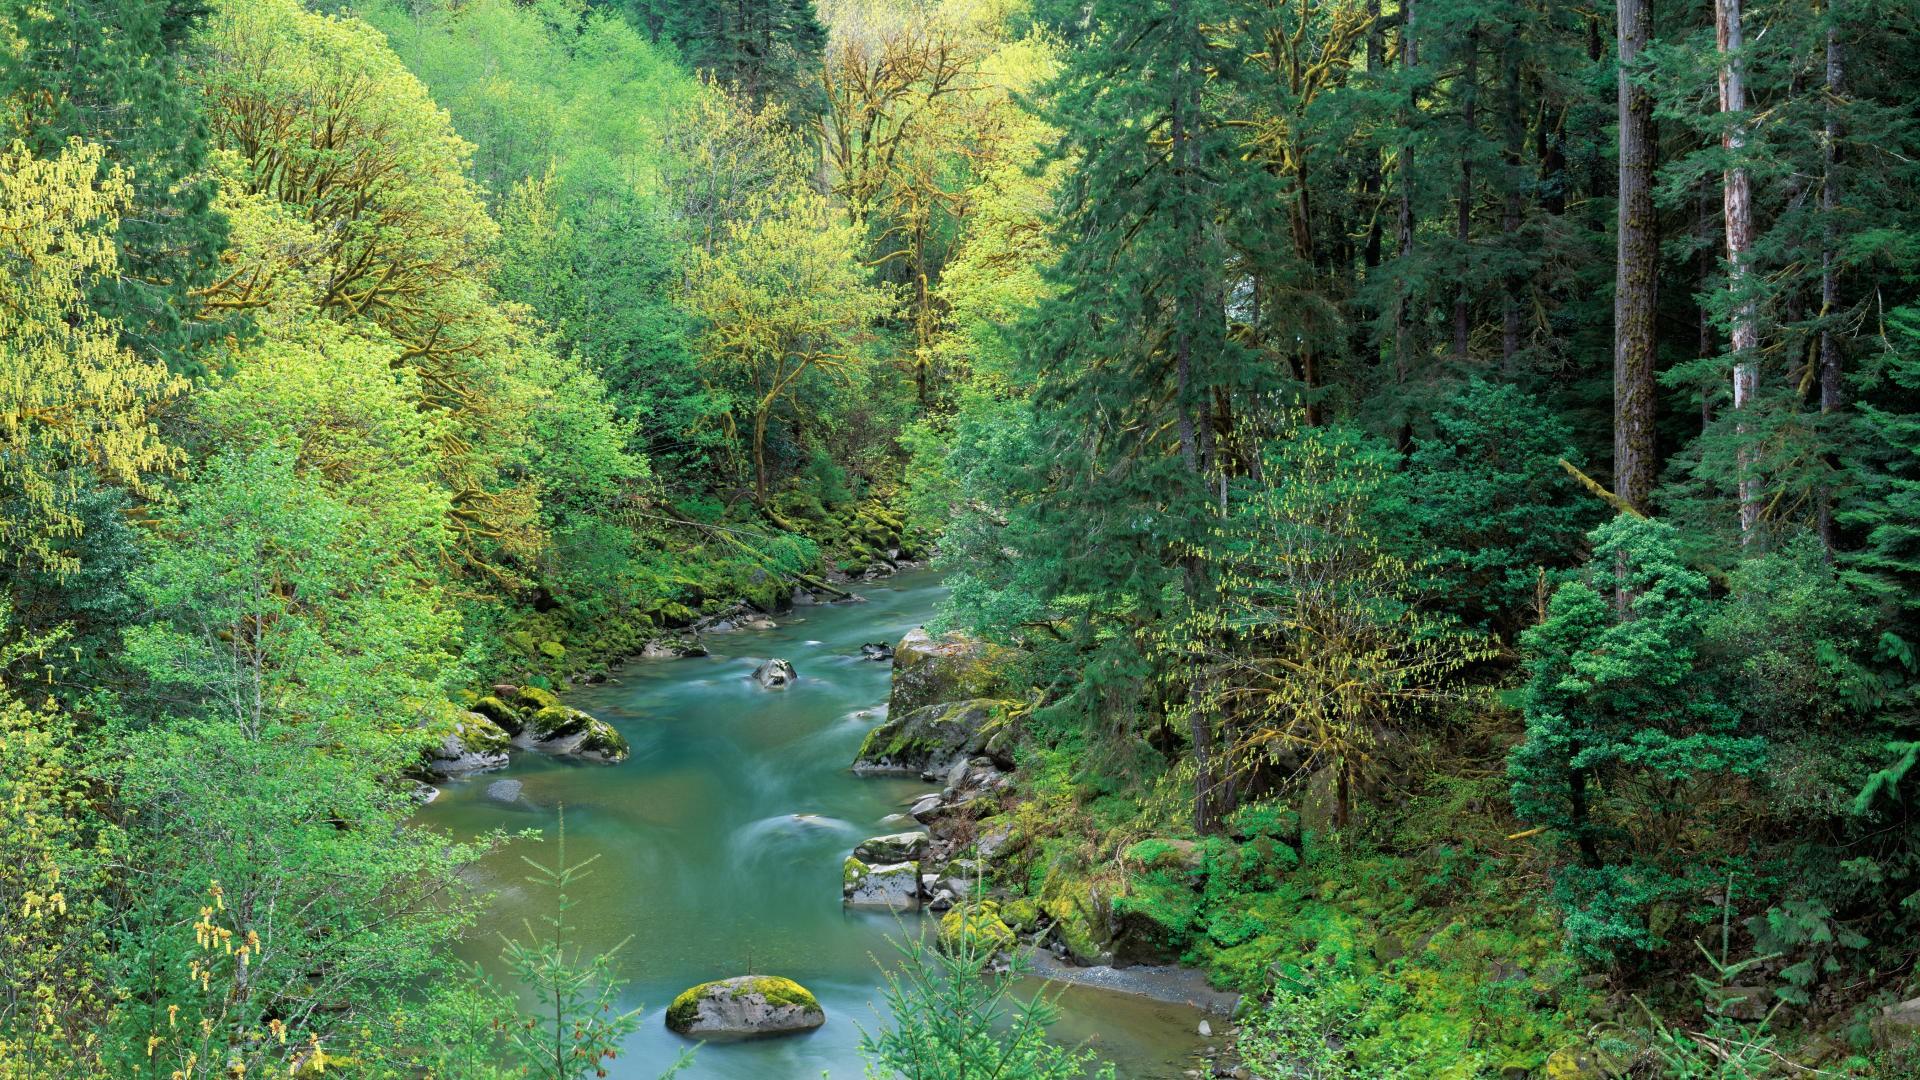 Oregon nature pictures wallpapers wallpapersafari - Oregon nature wallpaper ...